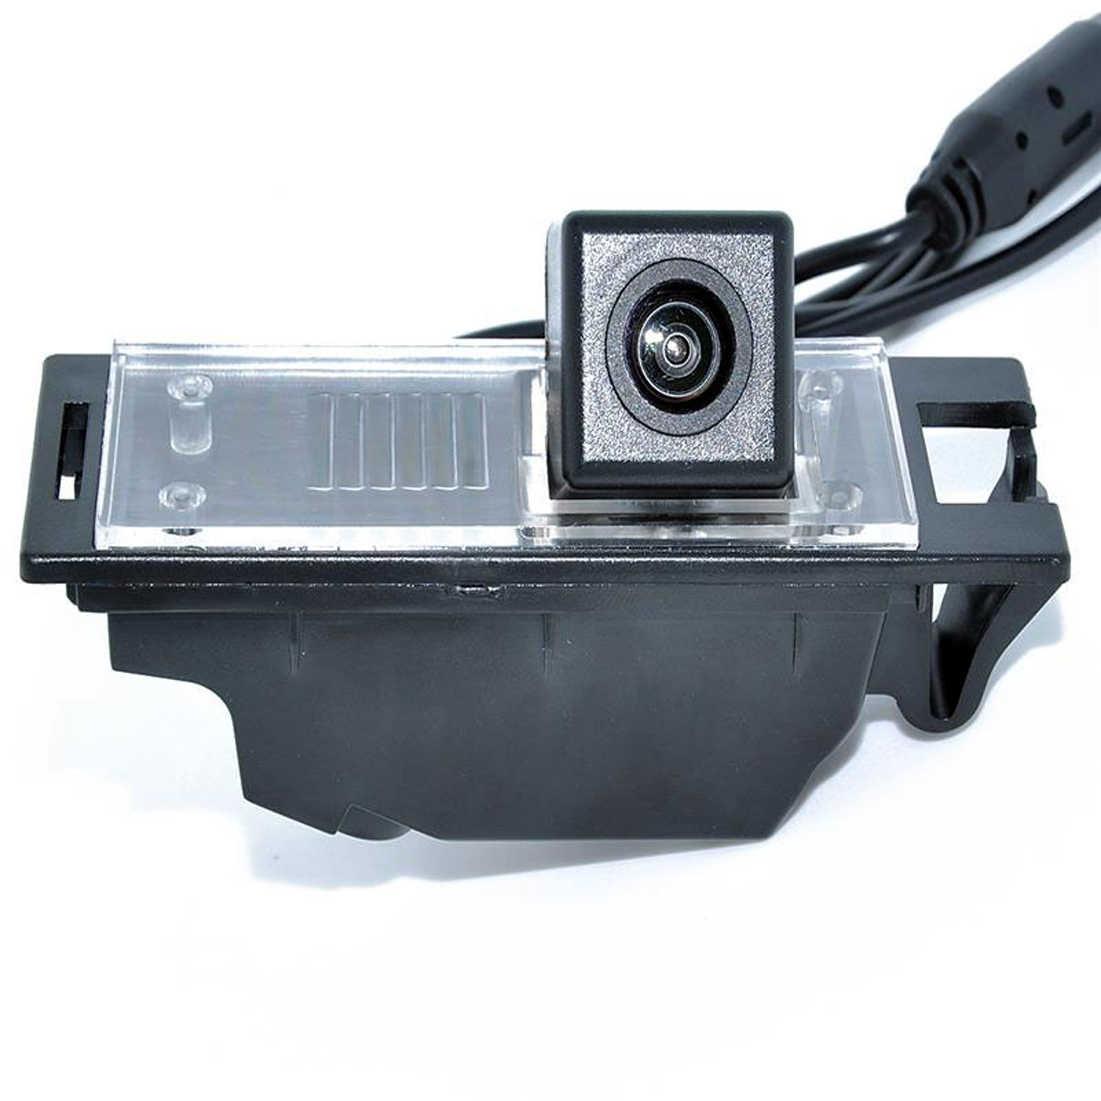 HD CCD Camera Quan Sát Phía Sau Đảo Ngược dự phòng Đậu Xe Máy Ảnh Dành Cho Xe Hyundai IX35 với góc nhìn rộng